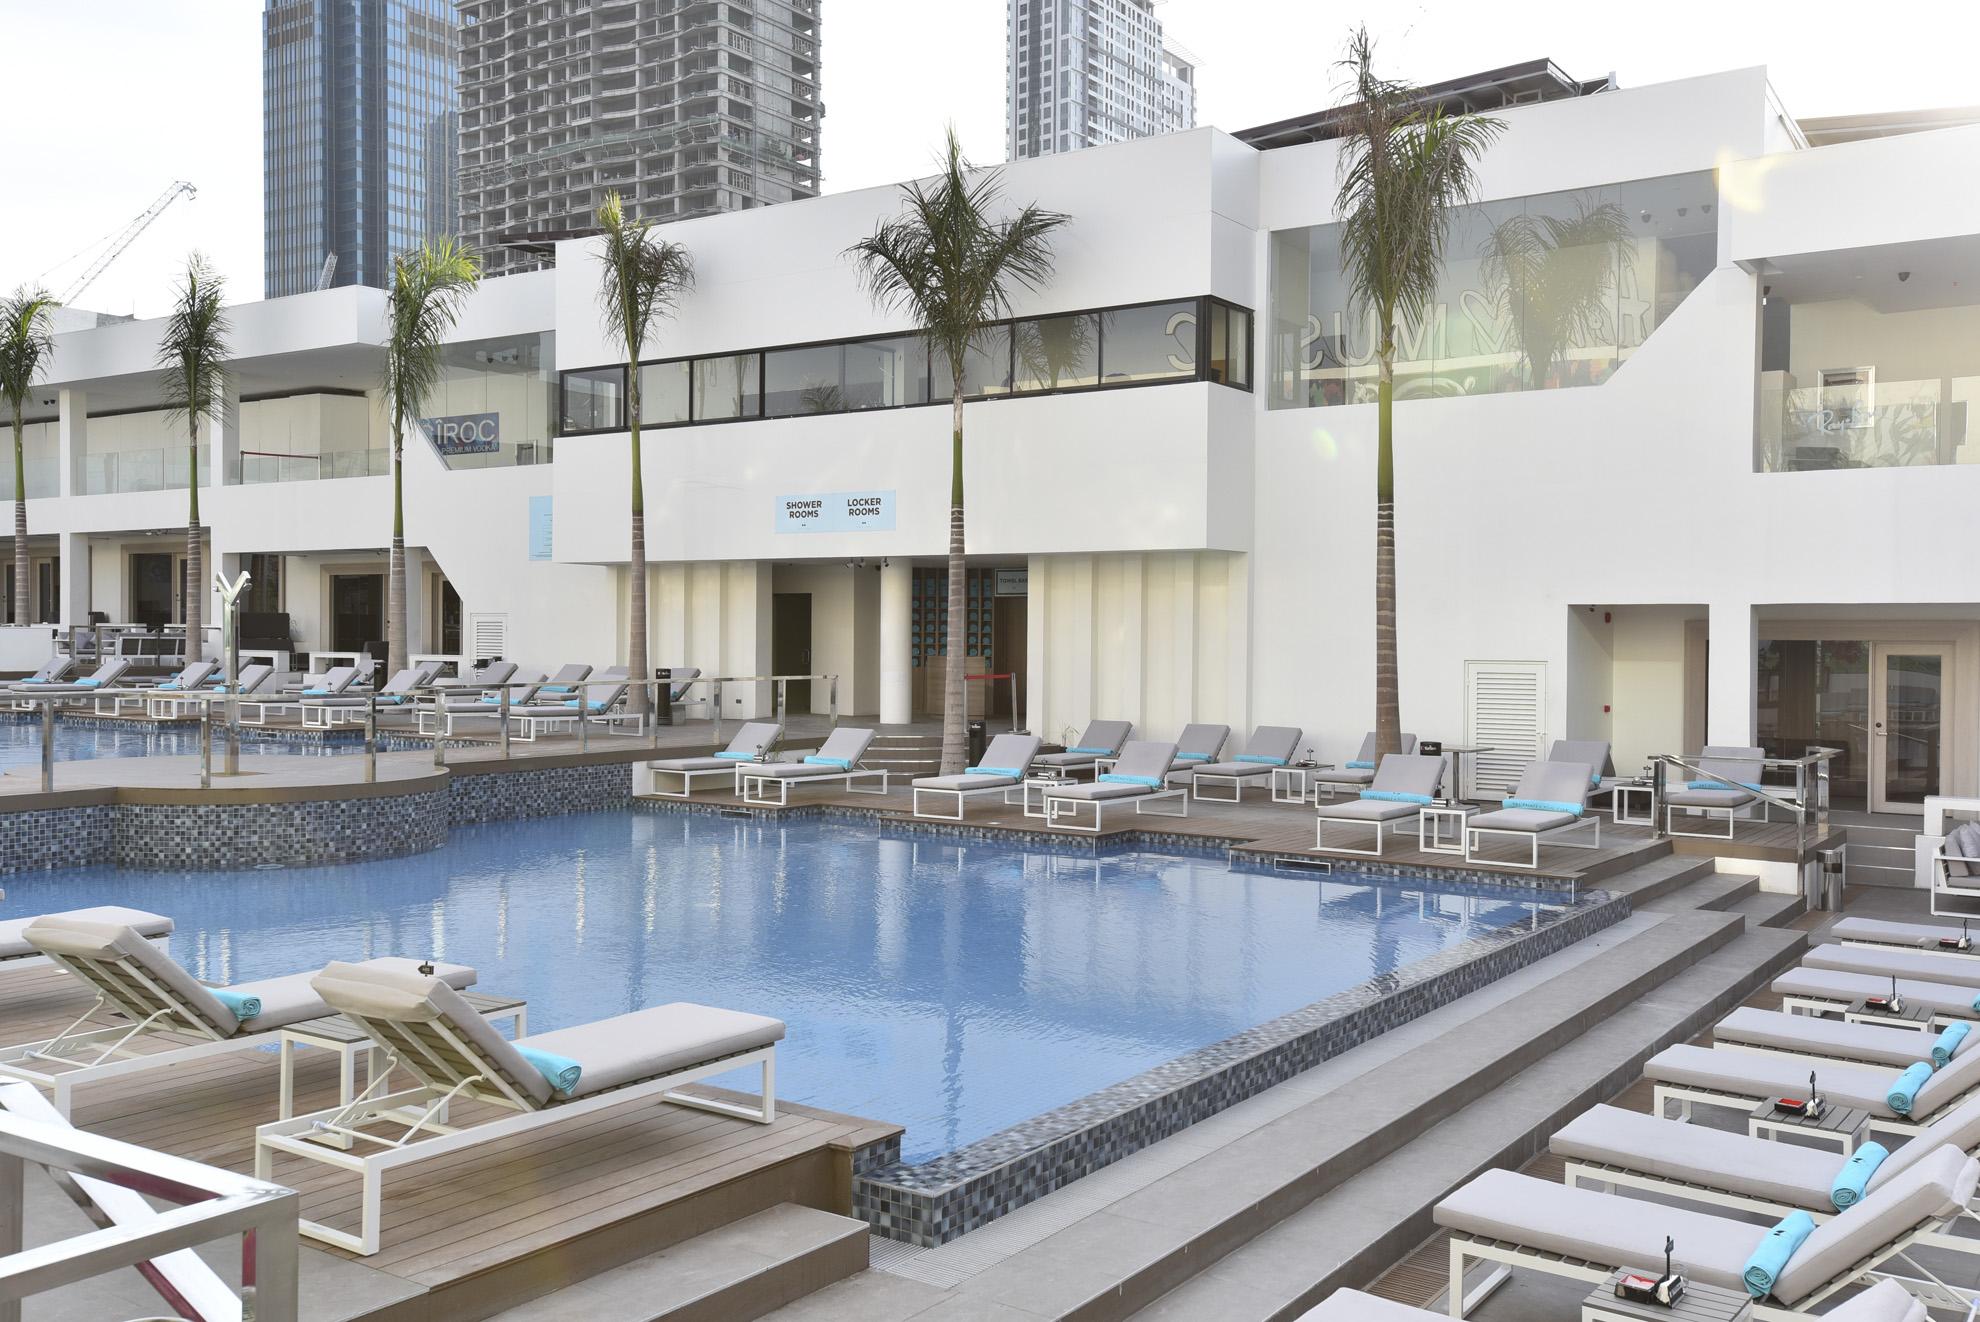 nearest hotel pool aga - HD1980×1322